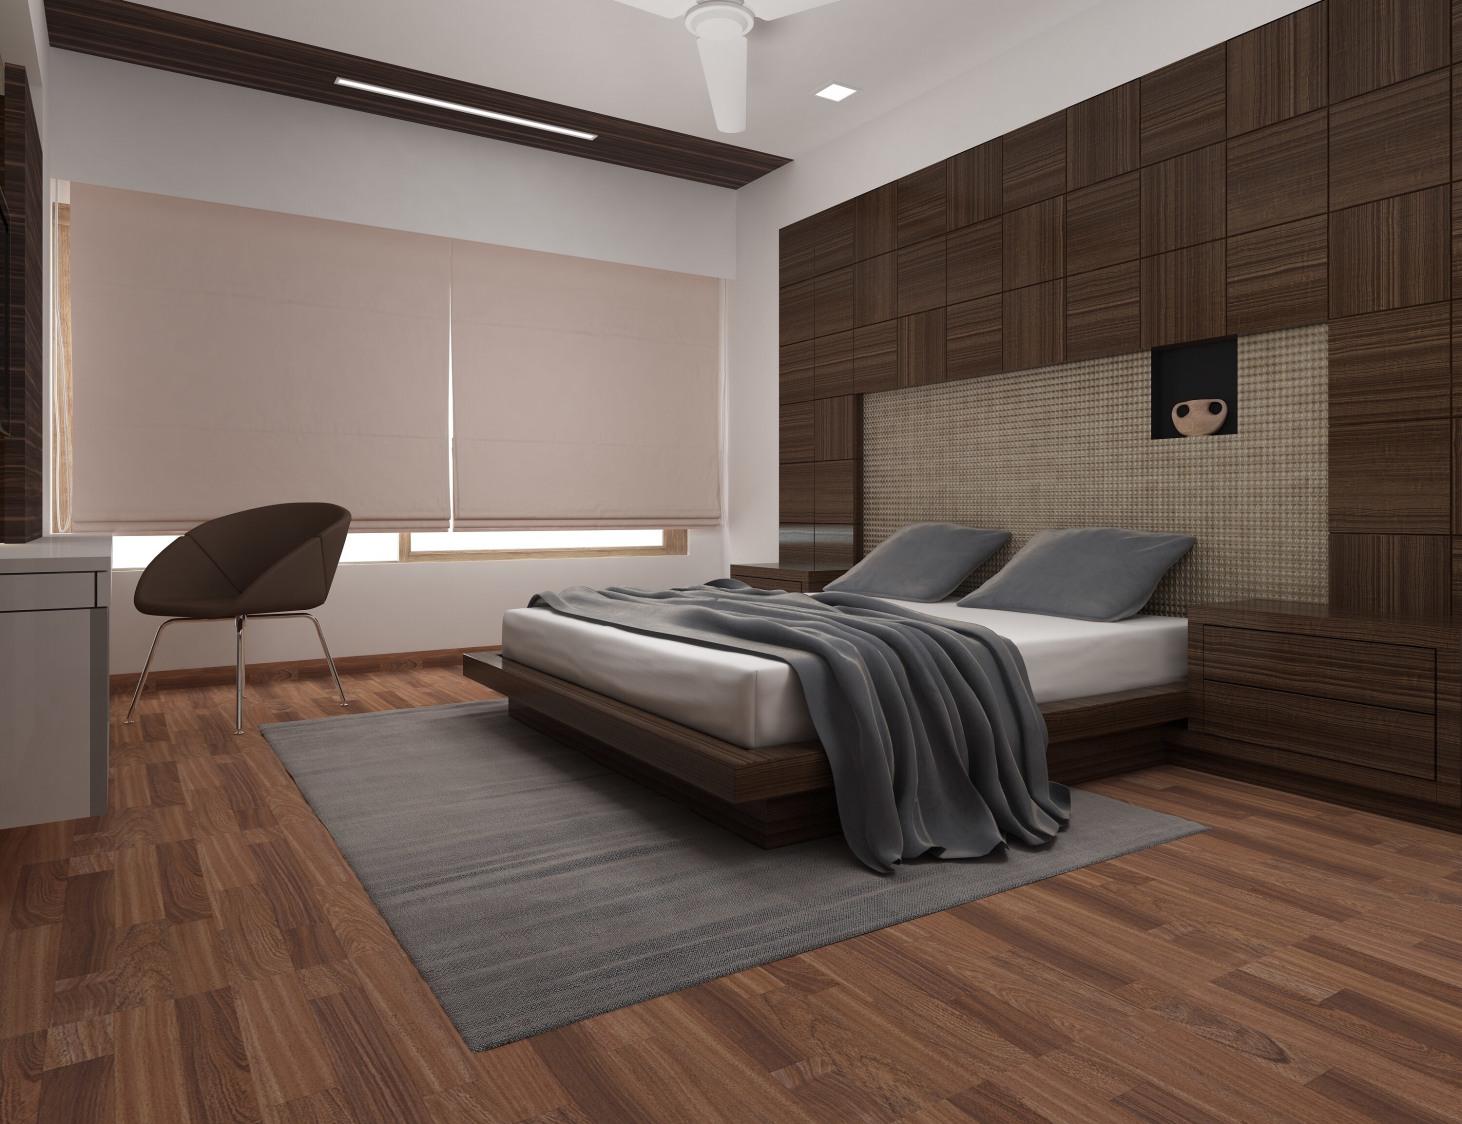 Contemporary bedroom by setu.patel Bedroom | Interior Design Photos & Ideas